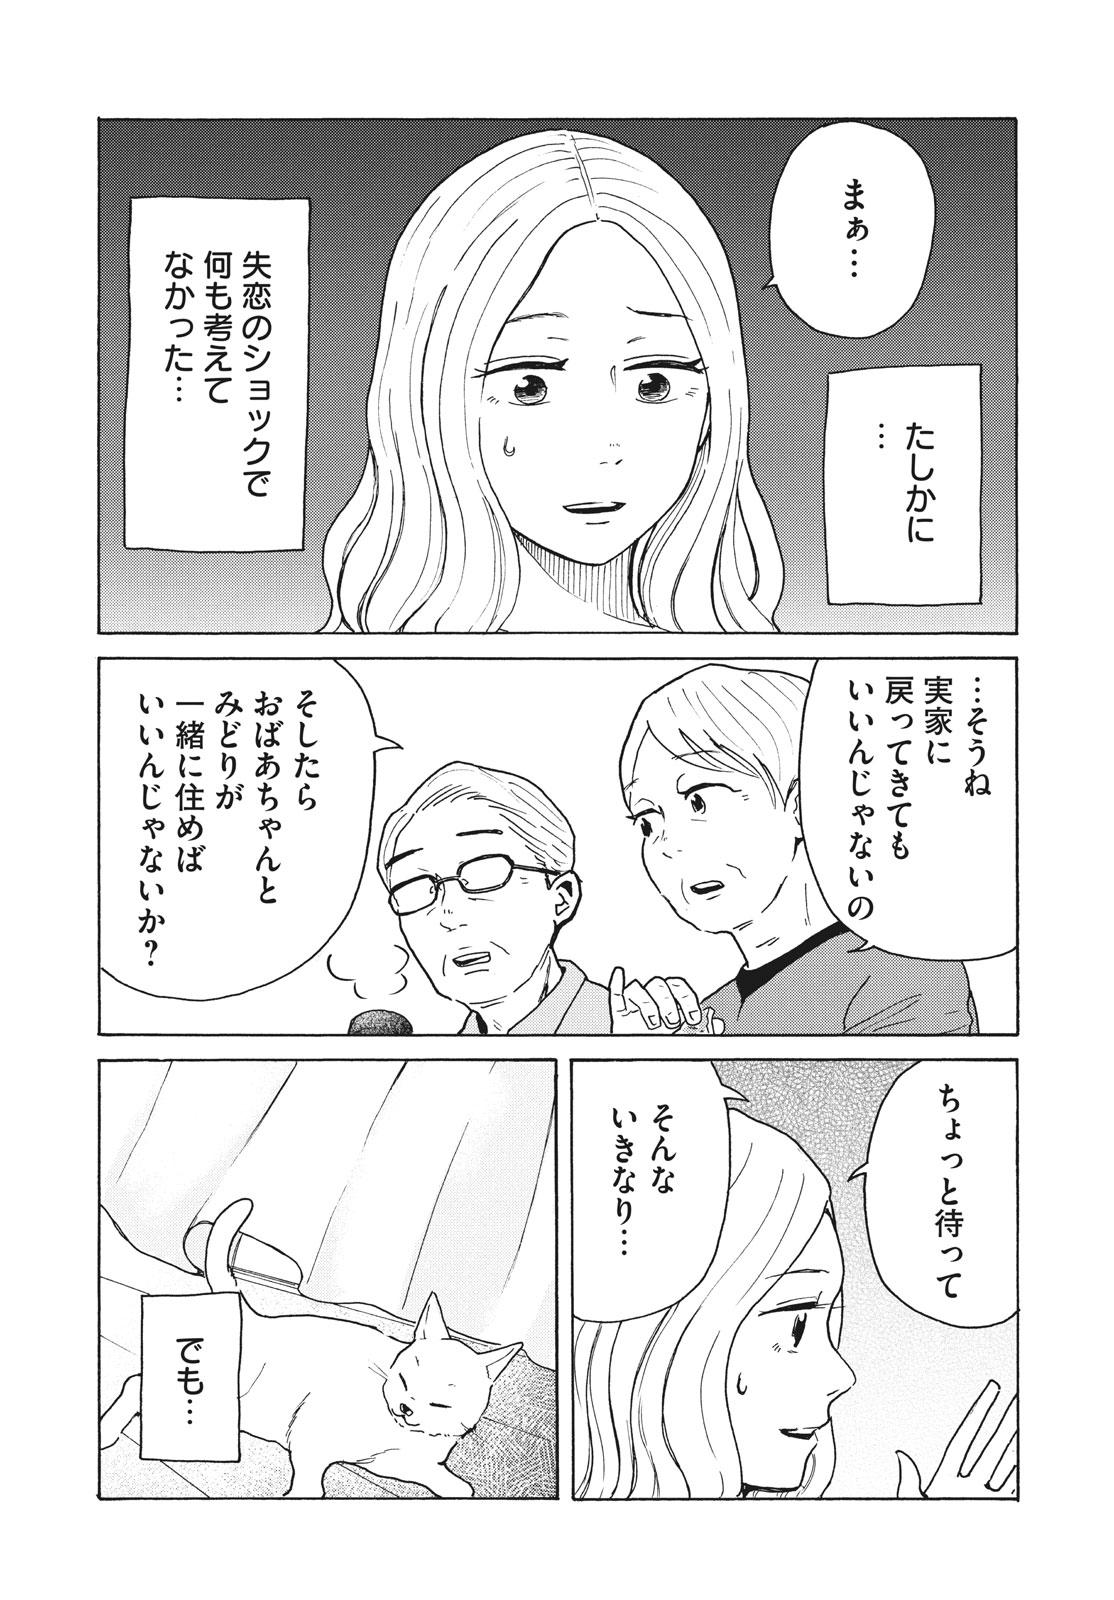 004_30日_2020_014_E.jpg